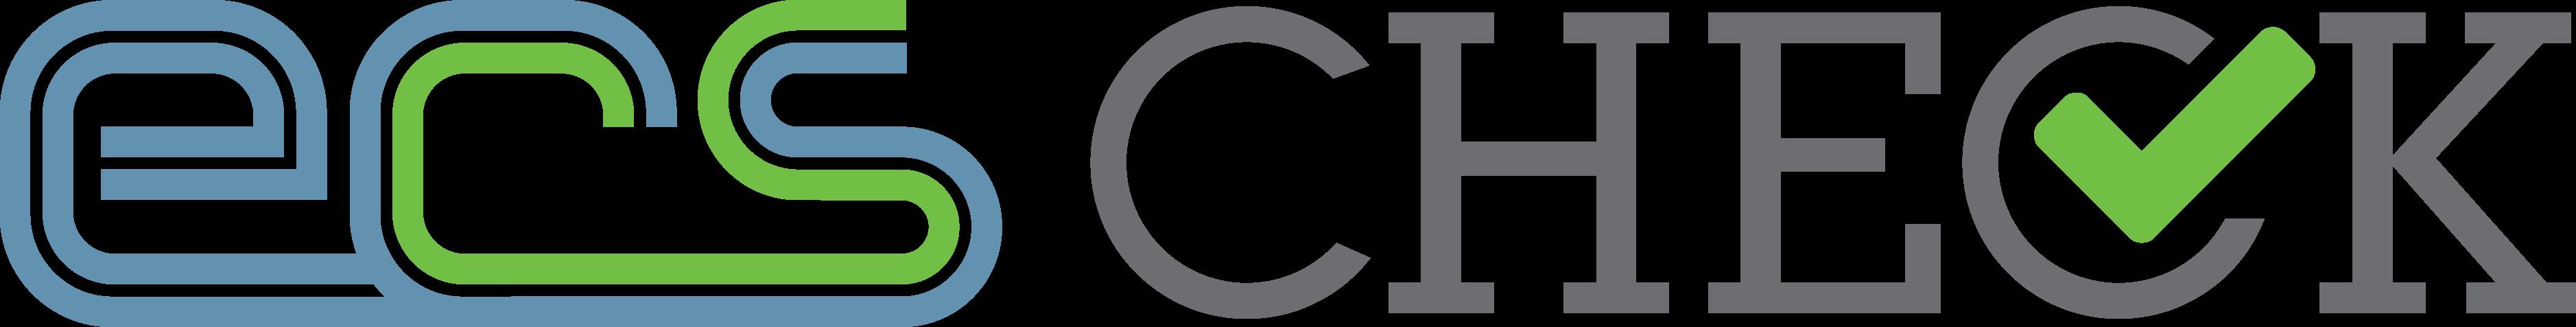 ECS Check Logo